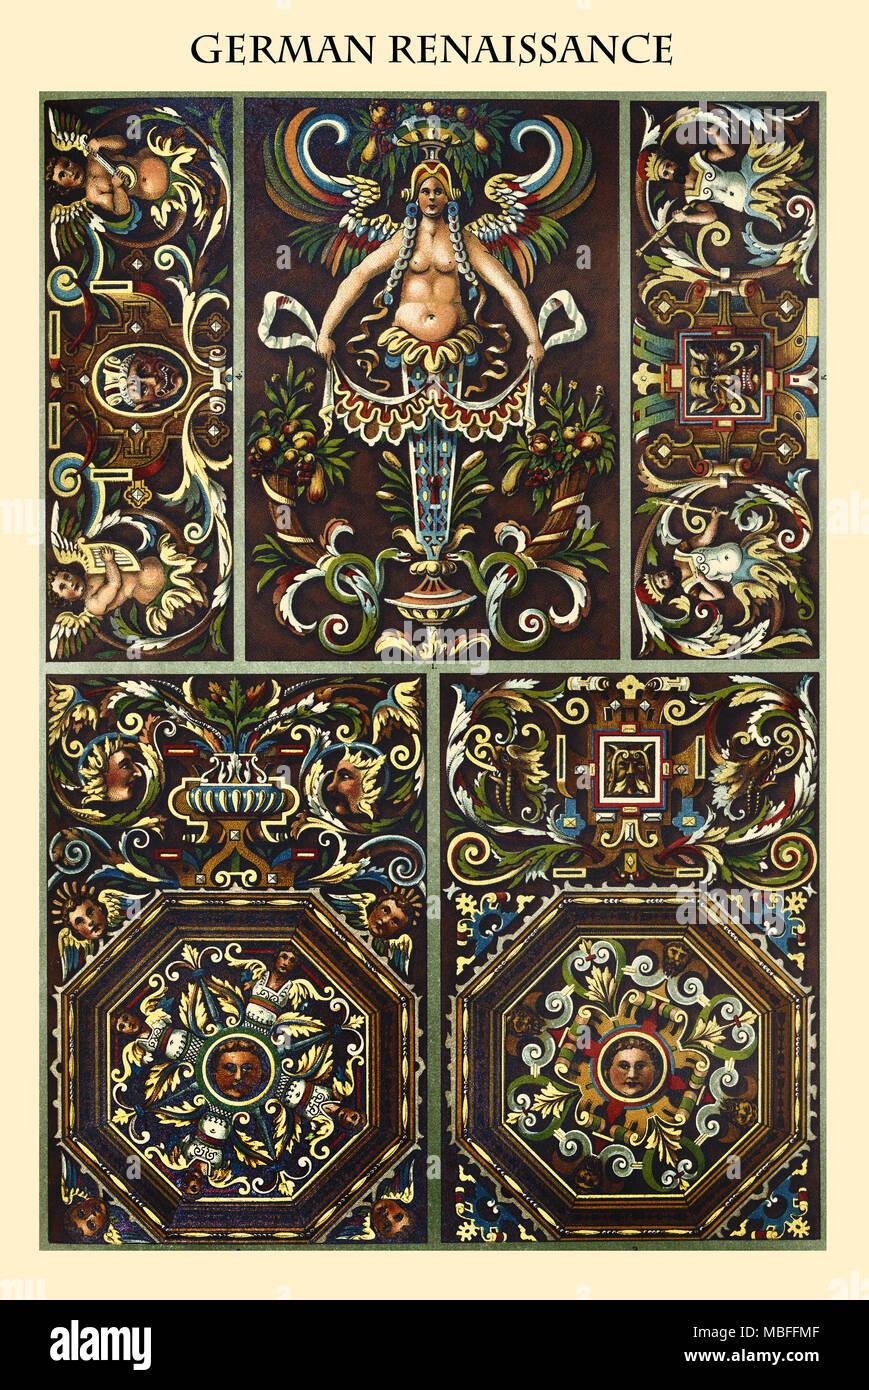 Ornamento-Renacimiento alemán Imagen De Stock